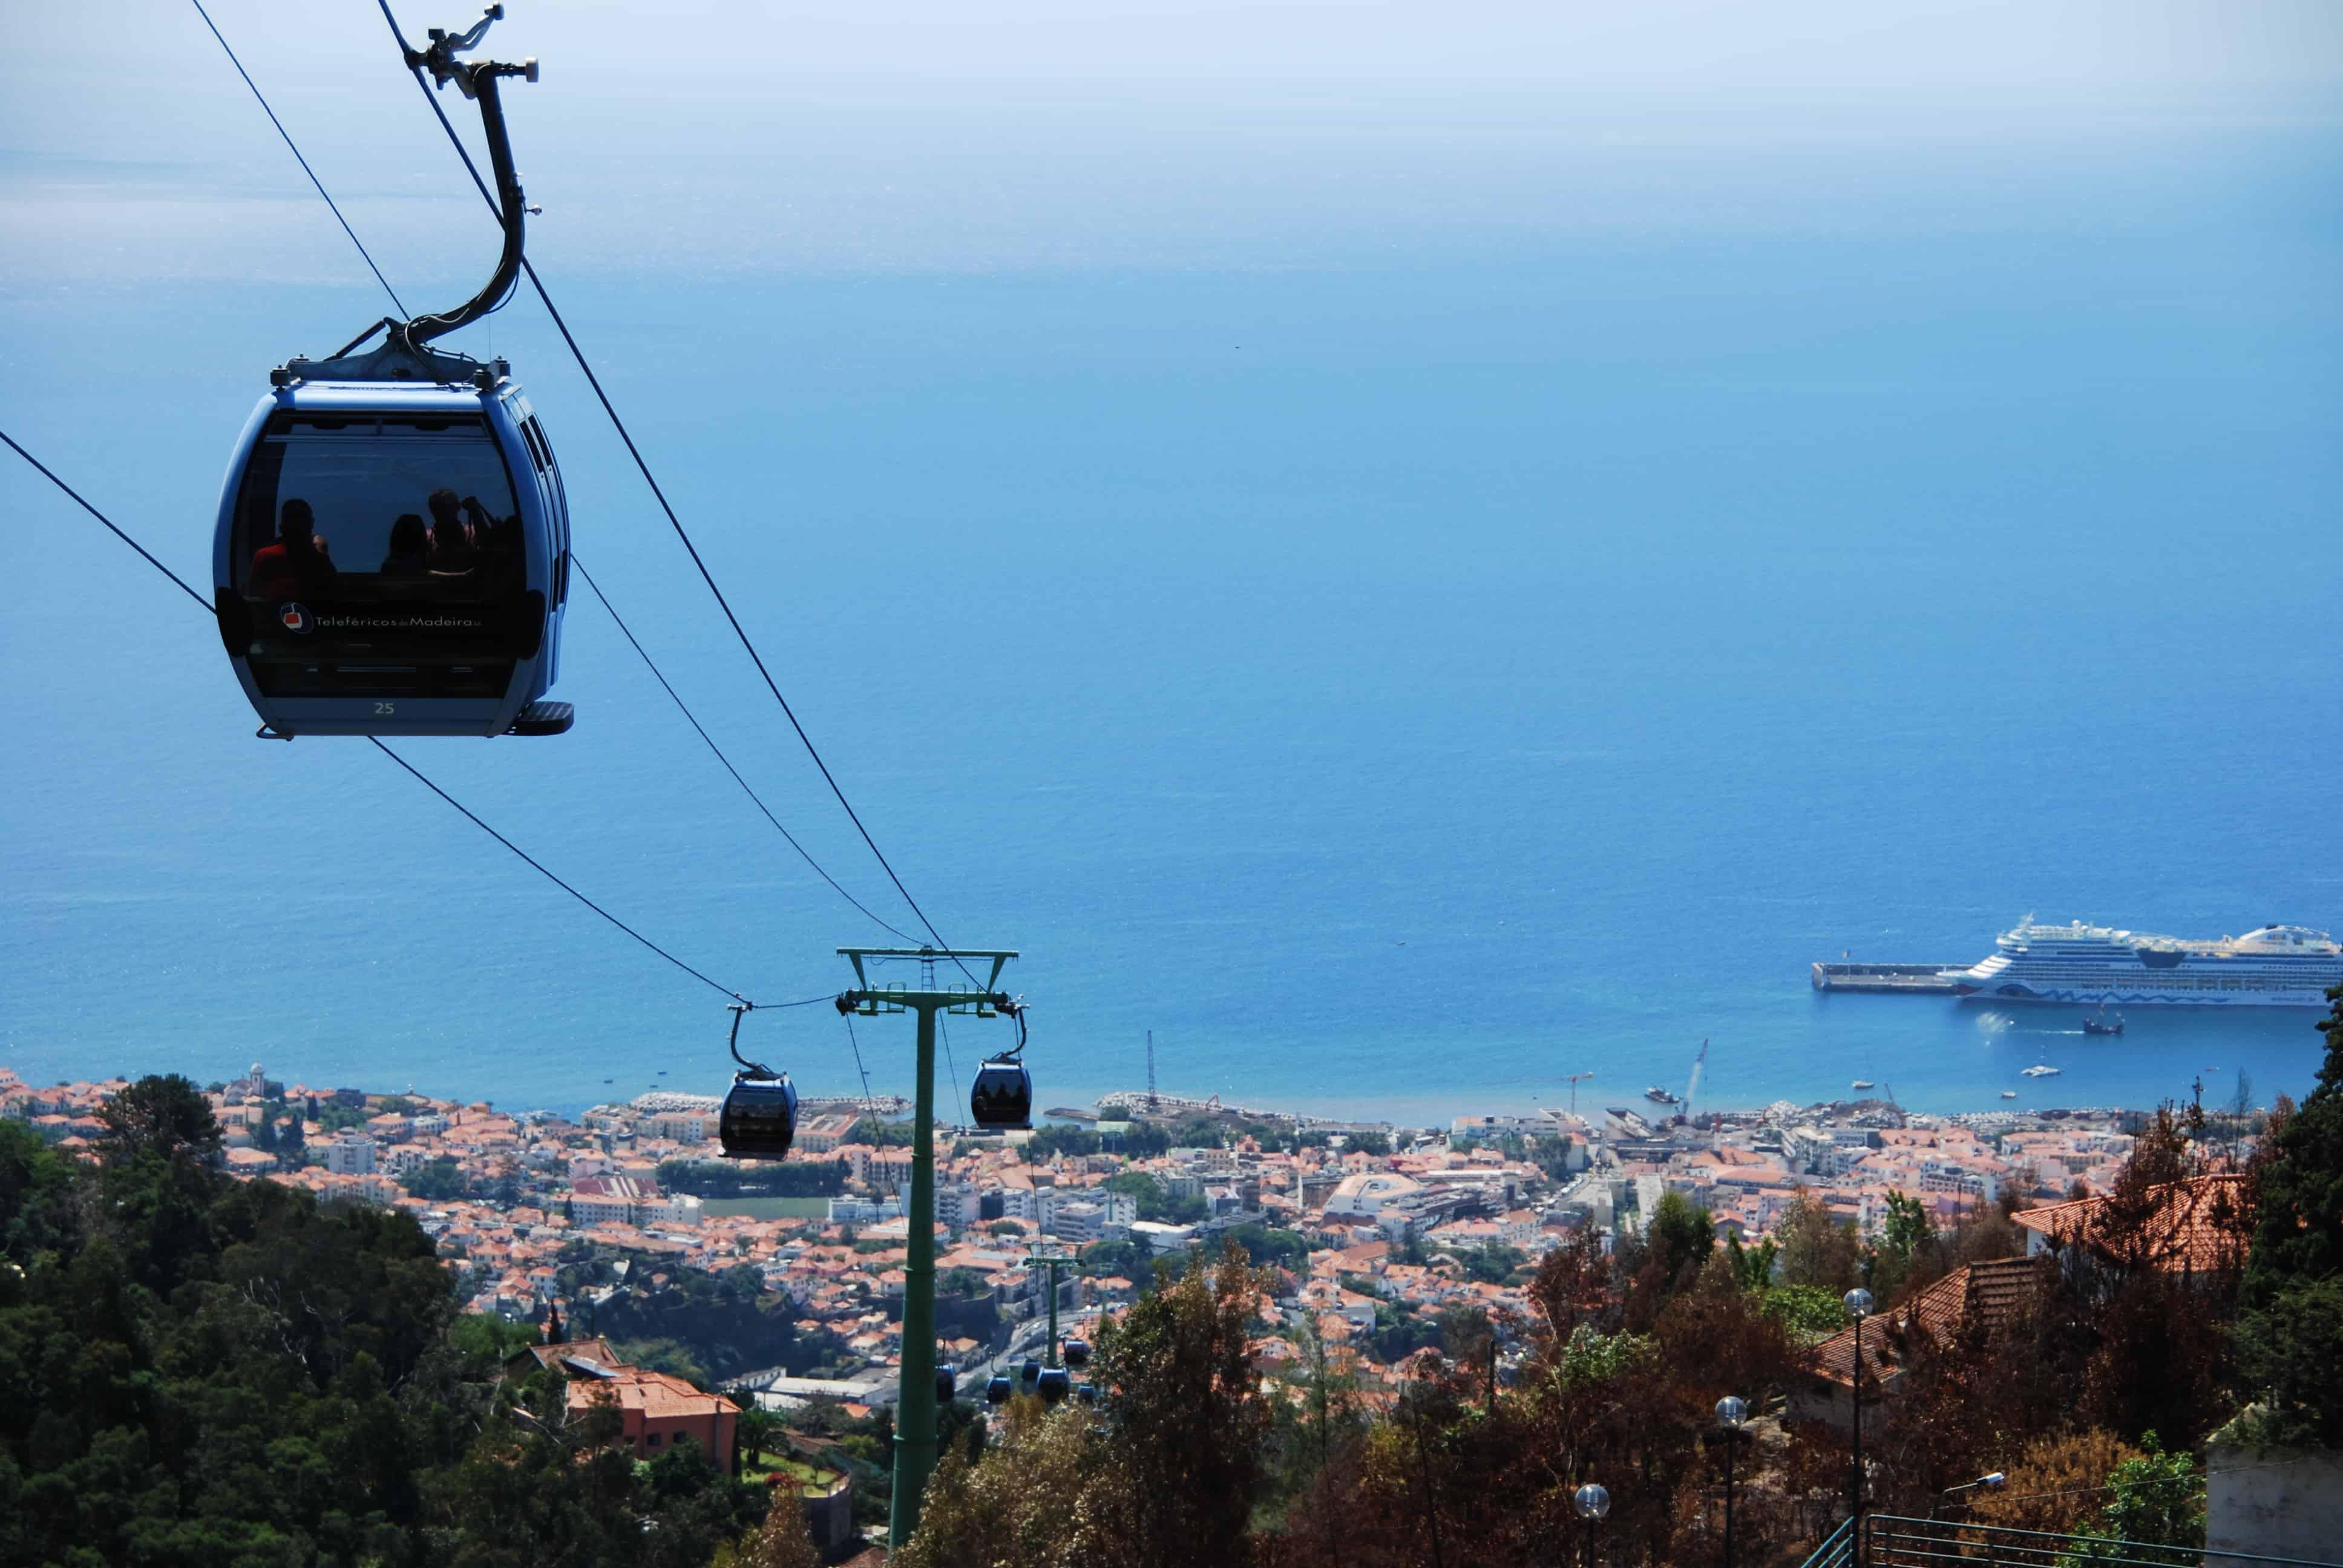 16 Monte Seilbahn AIDAstella Funchal Madeira1